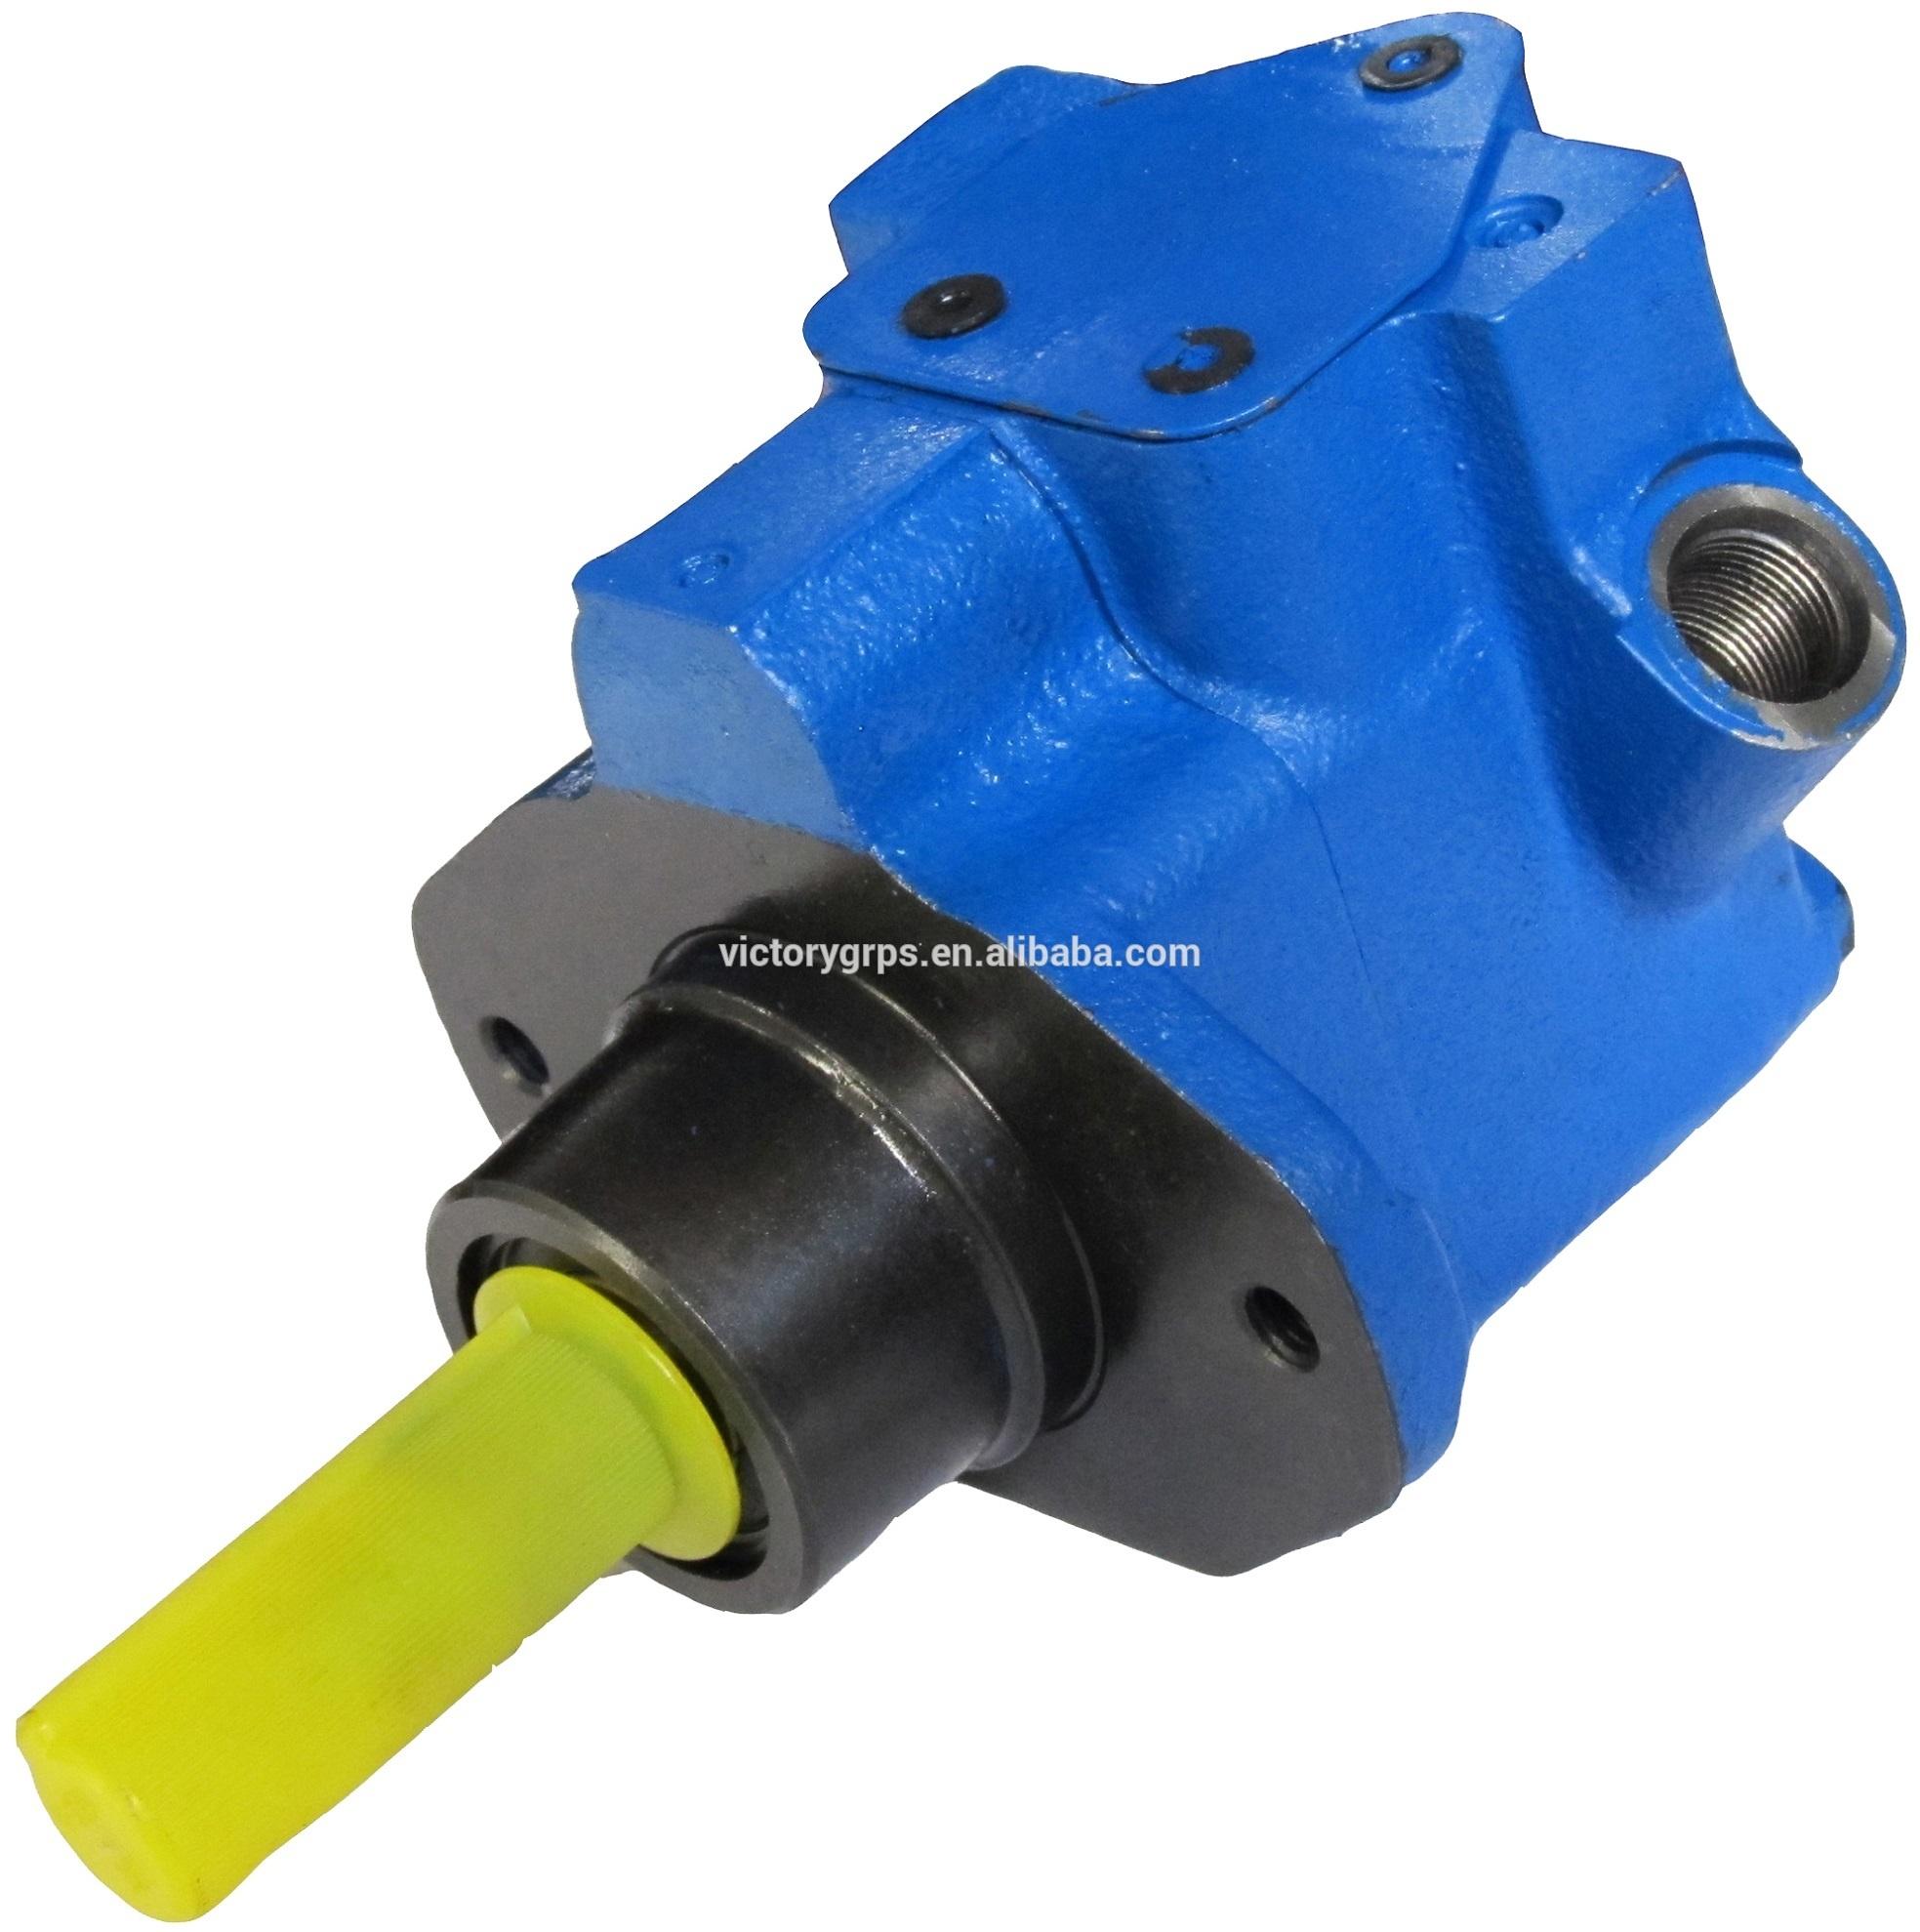 hydraulic power steering Eaton Vickers VTM42 vane pump